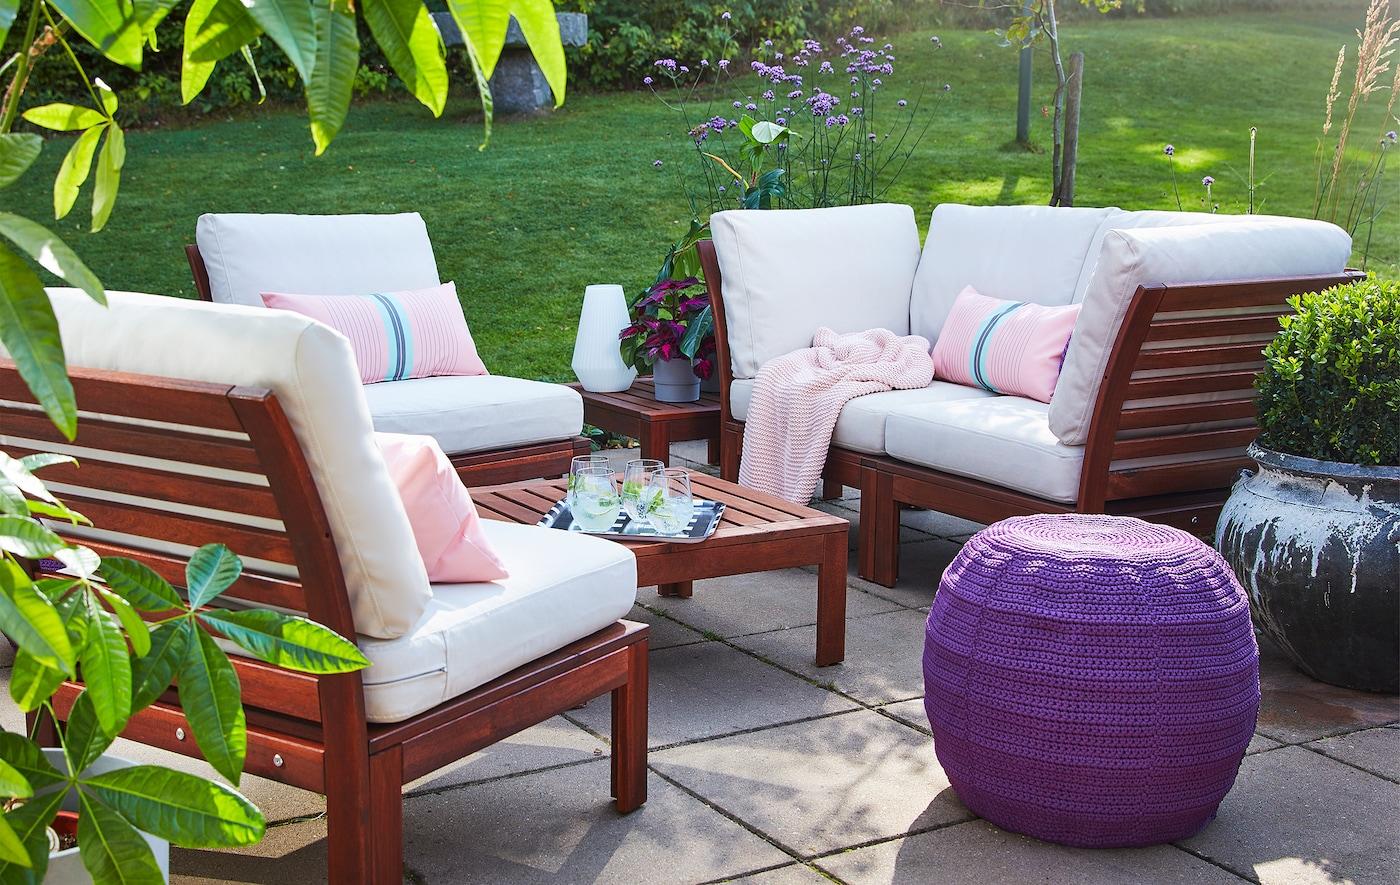 Arredamento da esterno in legno con cuscini bianchi e rosa, in un giardino con pavimento in pietra - IKEA